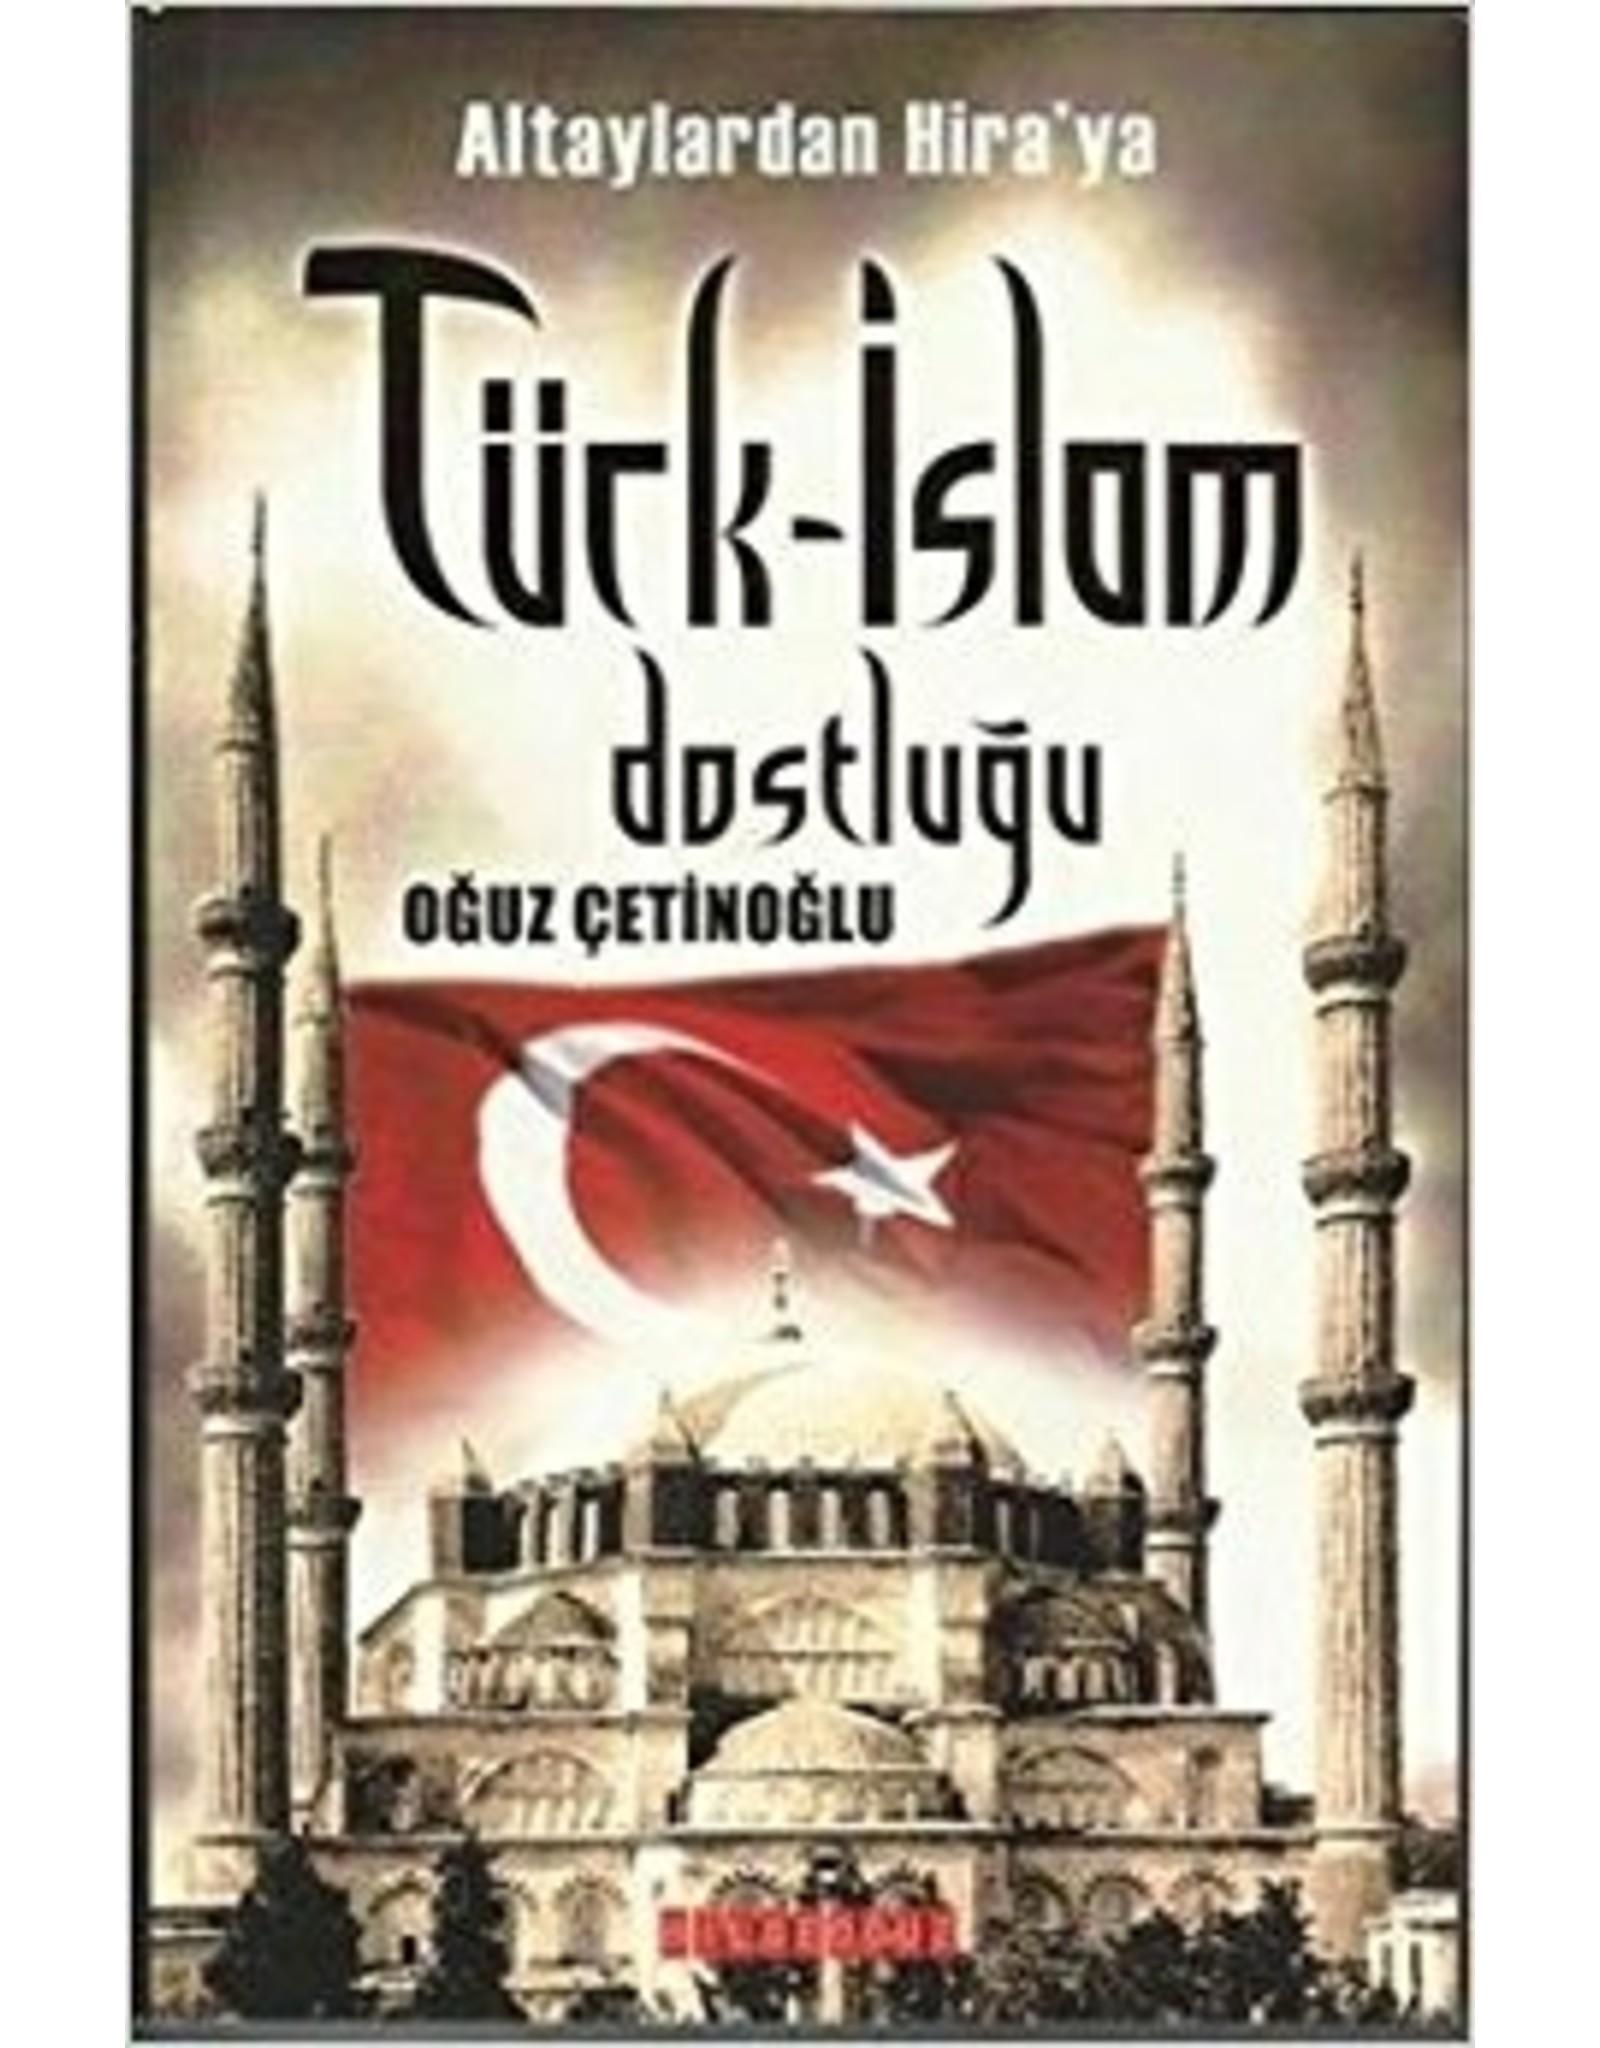 Oğuz Çetinoğlu Altaylardan Hira'ya Türk-İslam Dostluğu